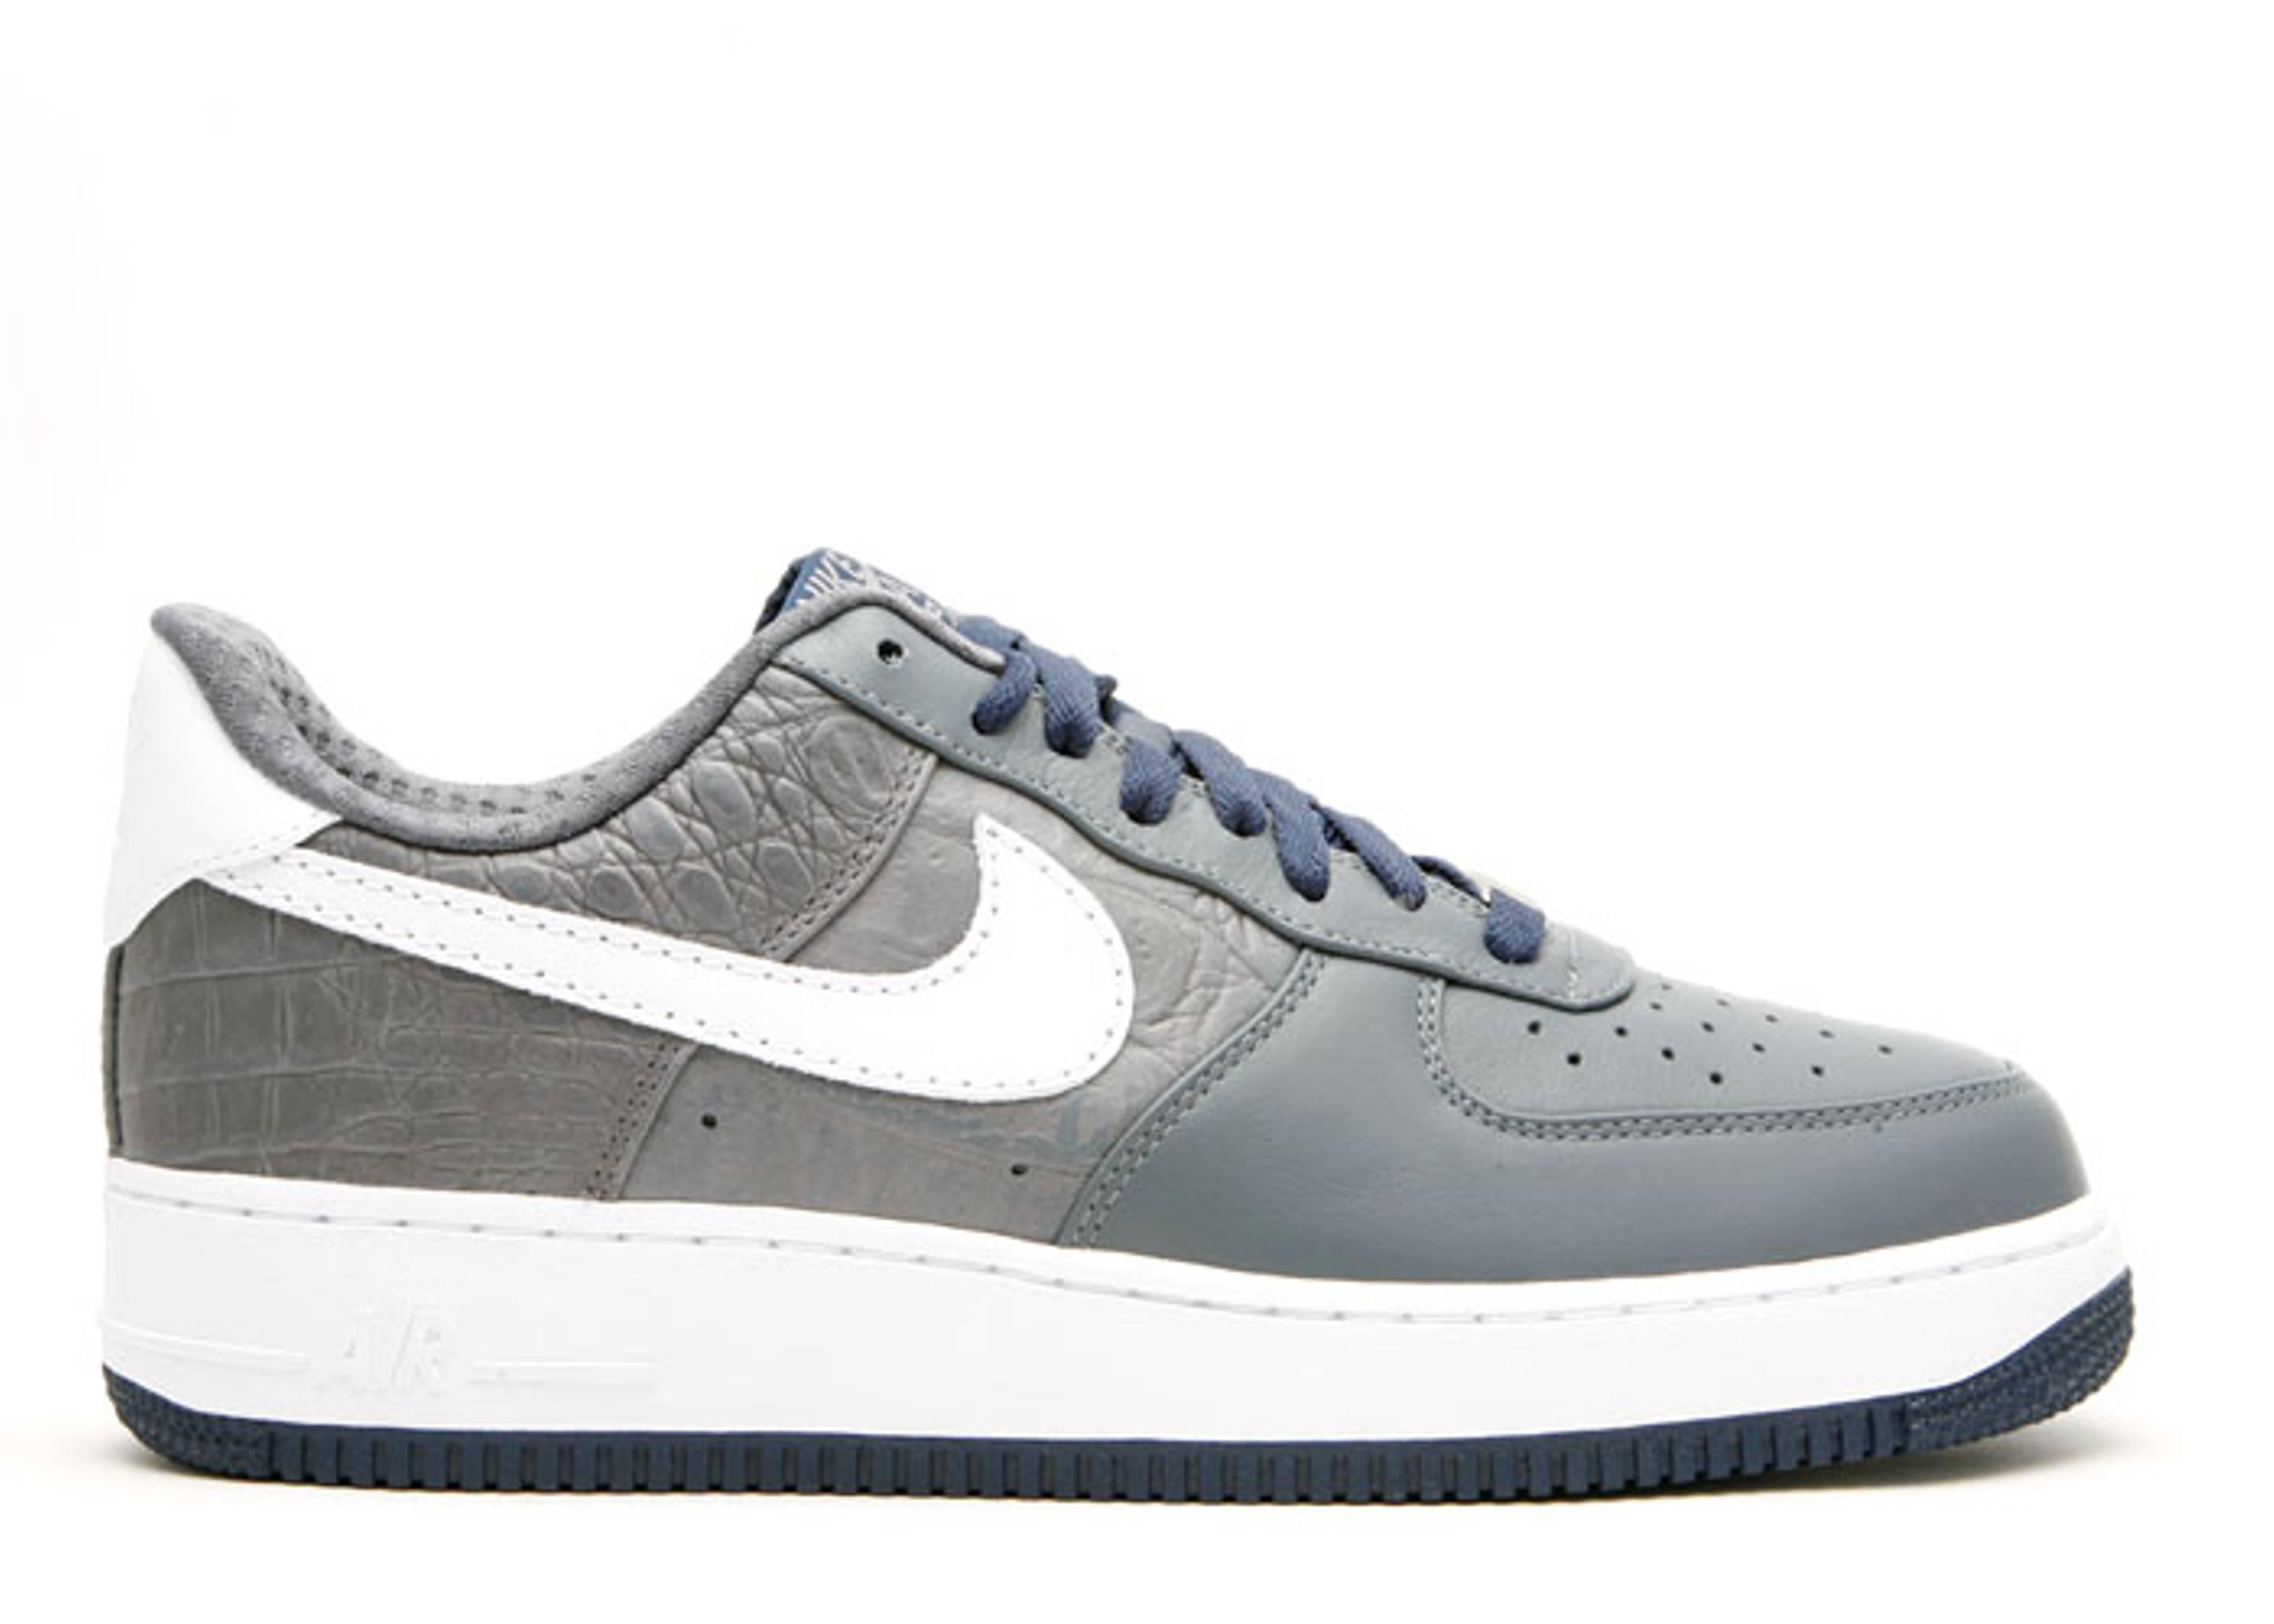 72a65e3ea259ca Air Force 1 Premium 07 - Nike - 315180 011 - flint grey white ...